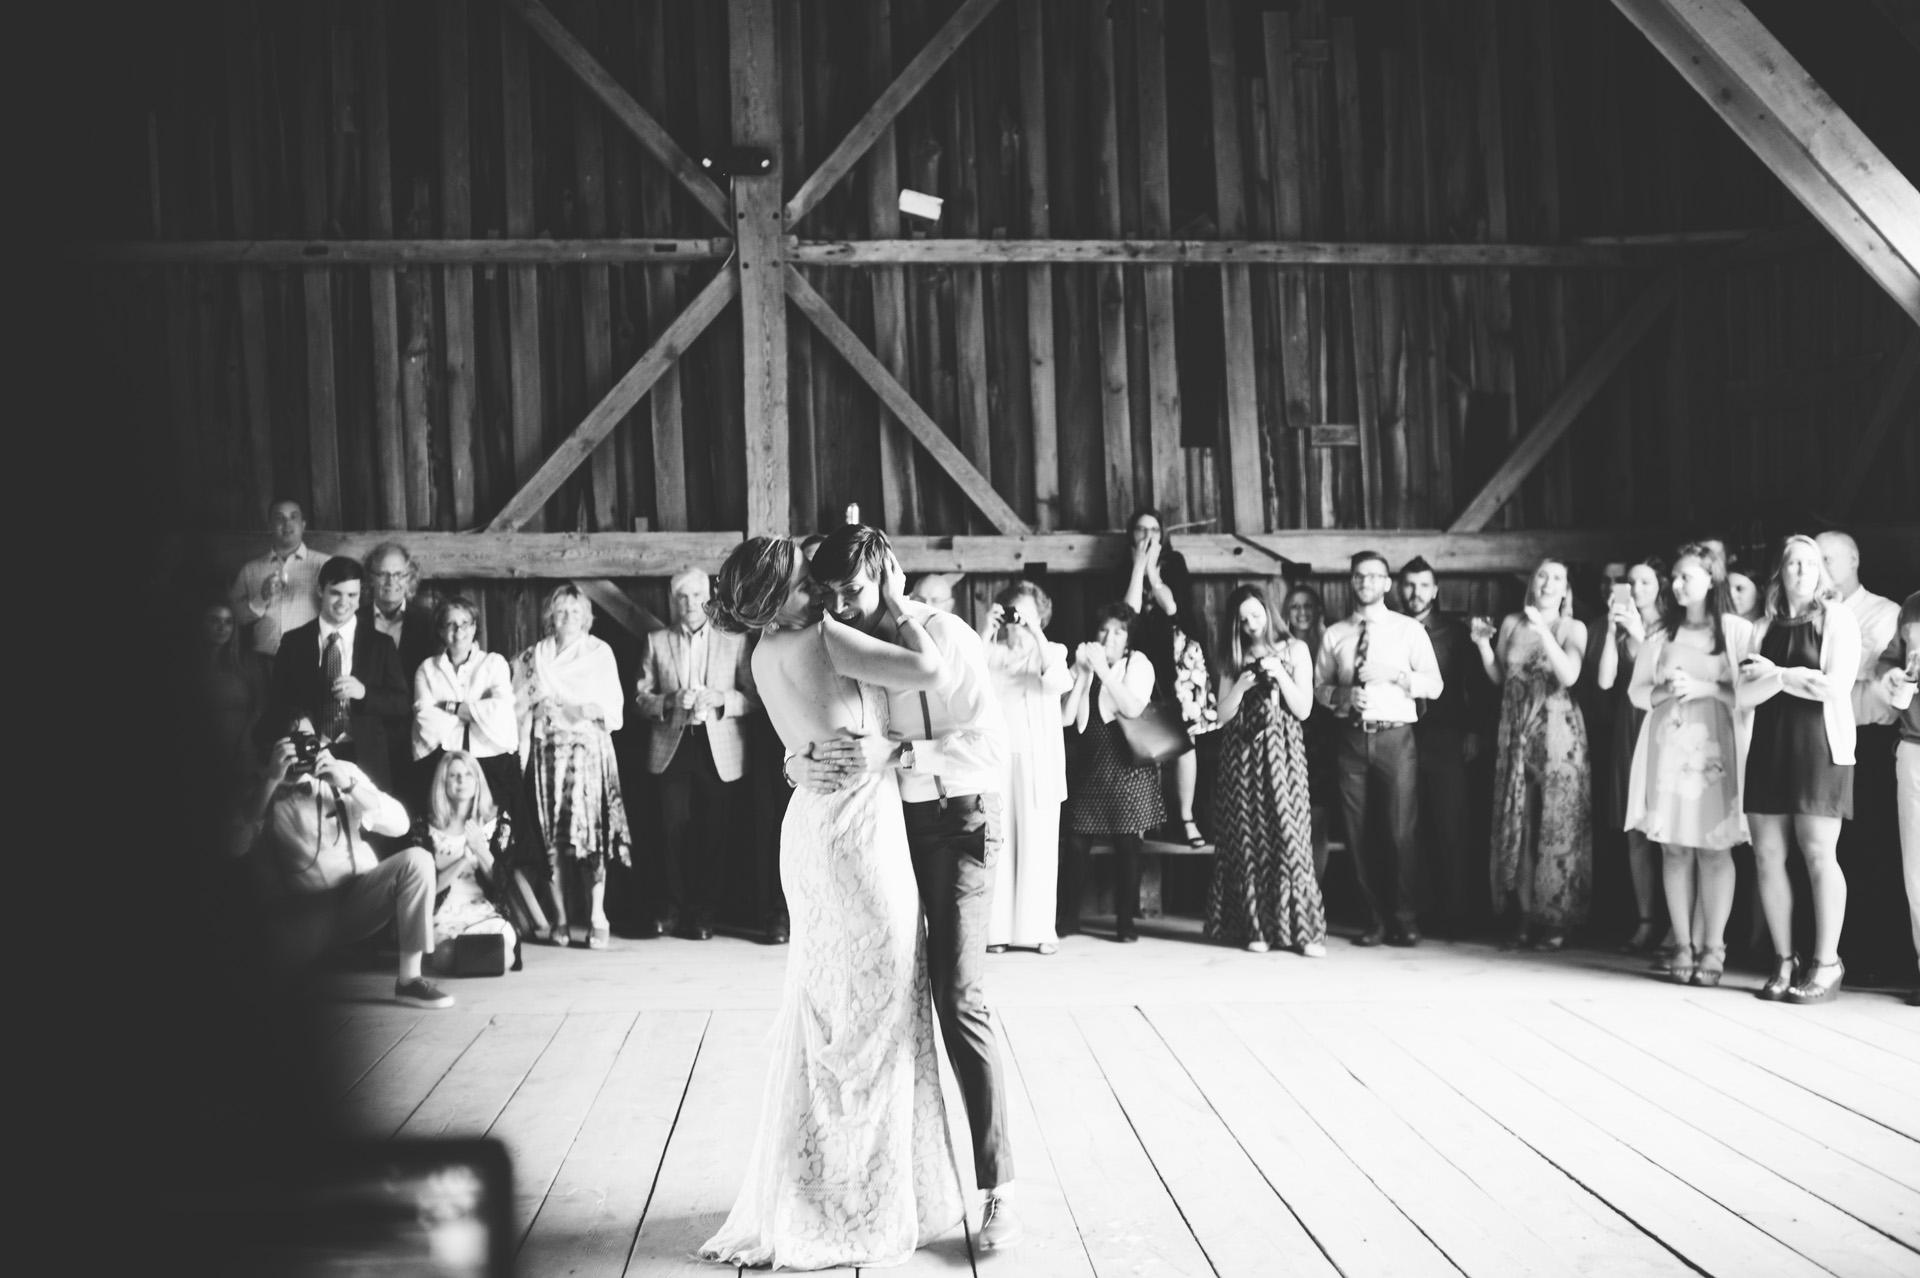 broadturn-farm-wedding-80